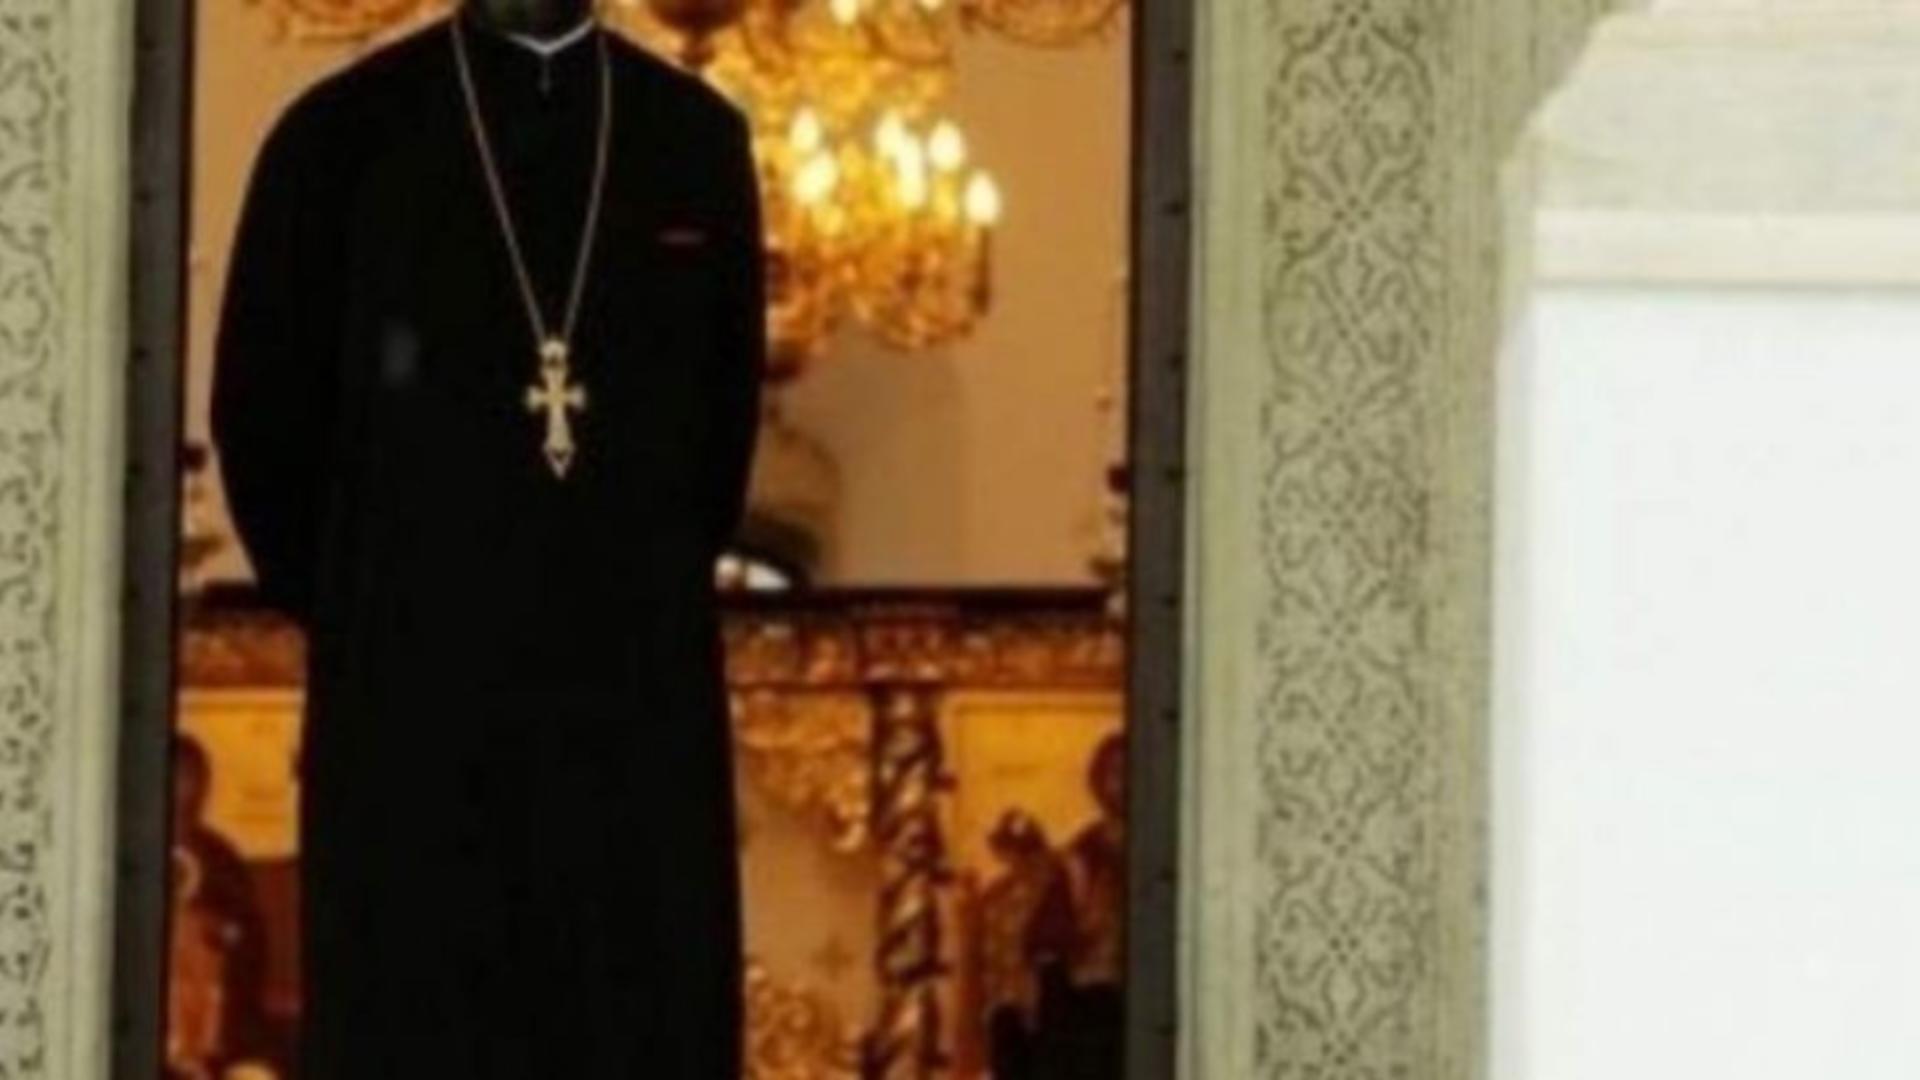 Un preot care slujeşte în comuna Curcani este acuzat de comportament indecent faţă de o minoră